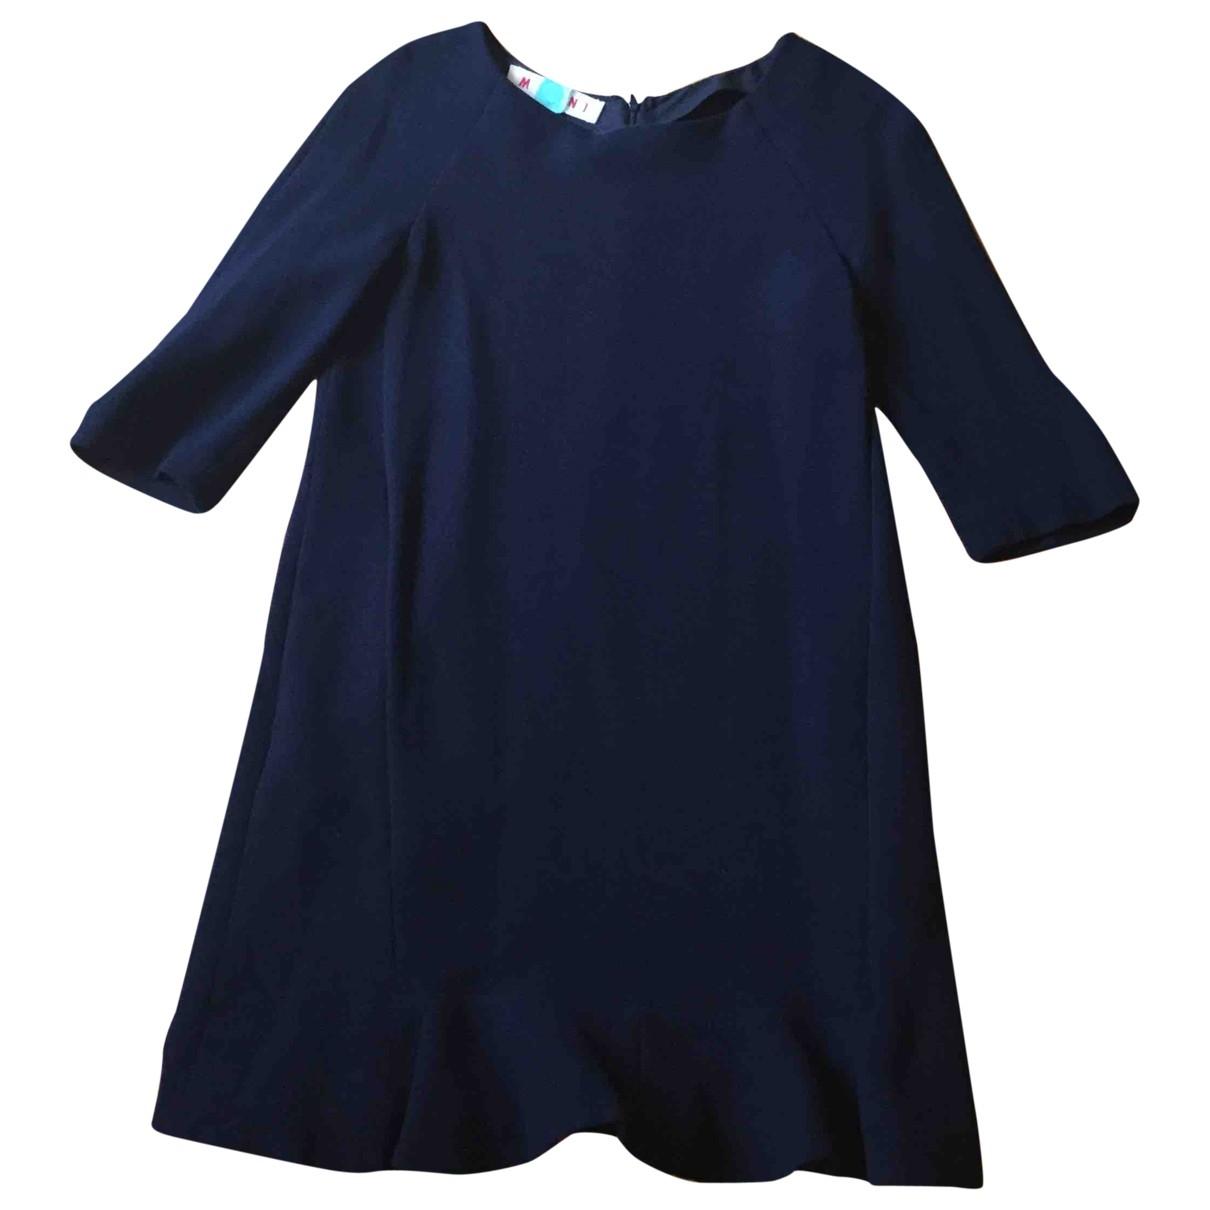 Marni \N Kleid in  Blau Wolle